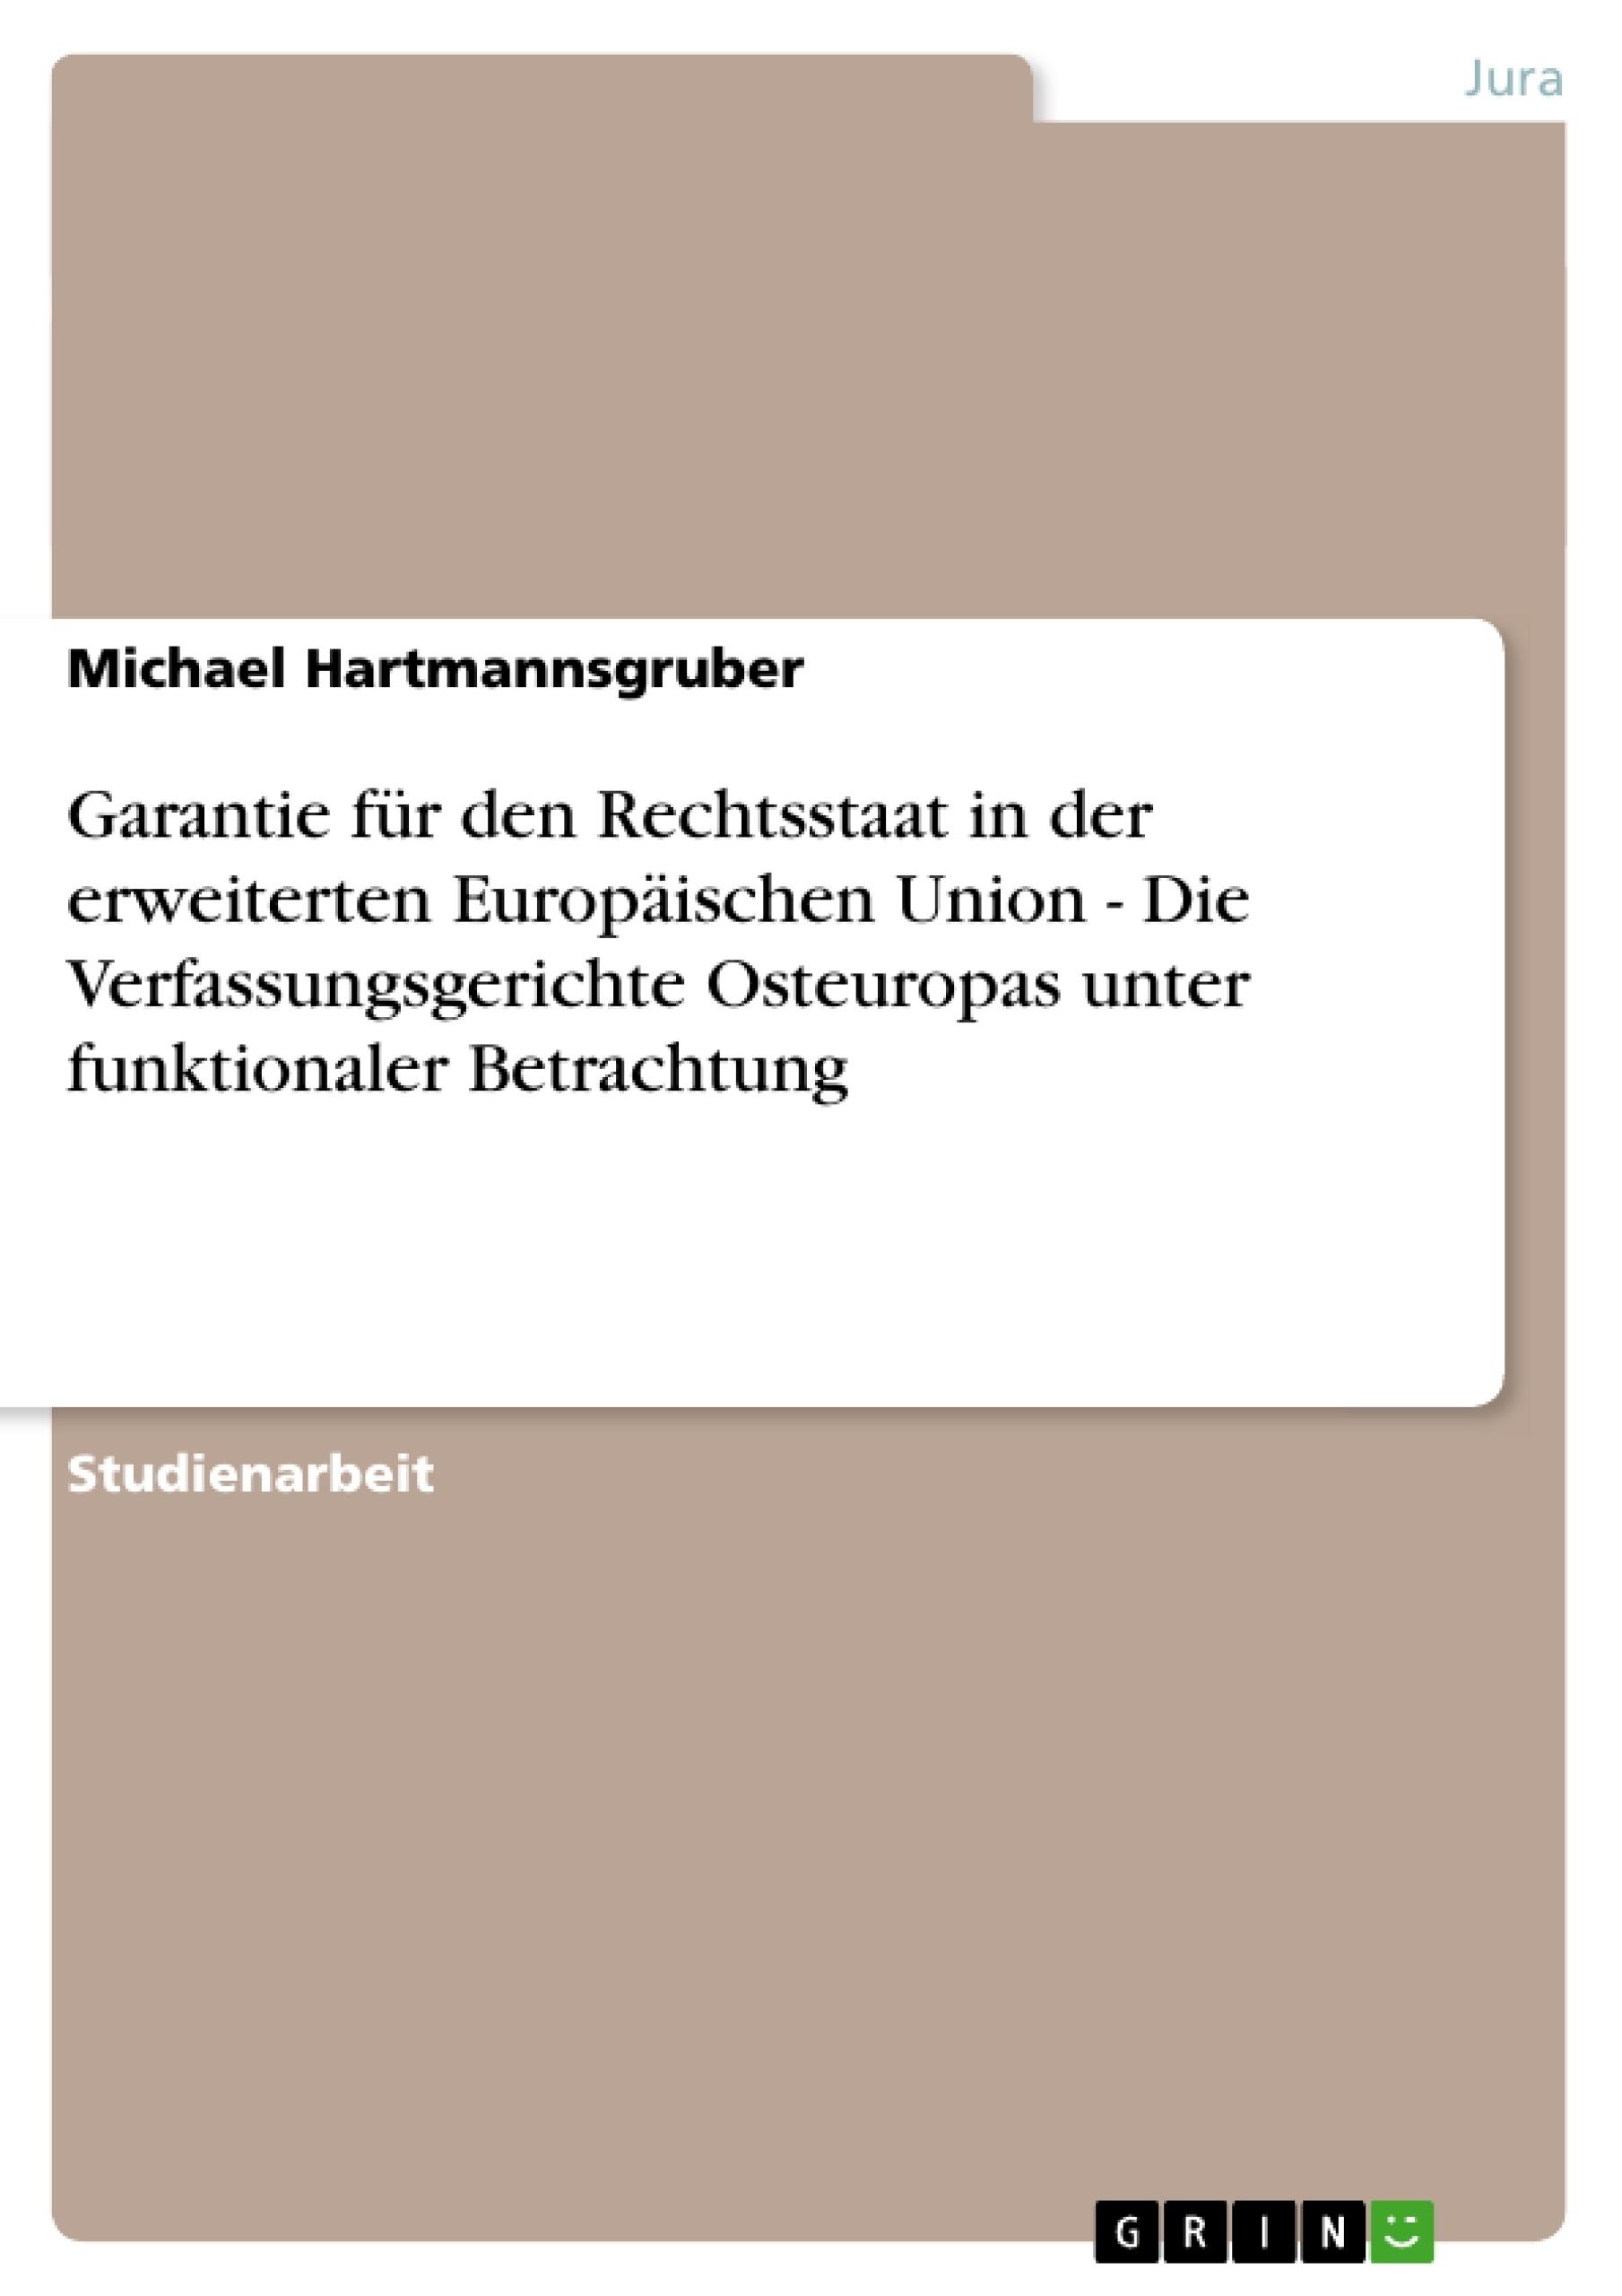 Titel: Garantie für den Rechtsstaat in der erweiterten Europäischen Union - Die Verfassungsgerichte Osteuropas unter funktionaler Betrachtung